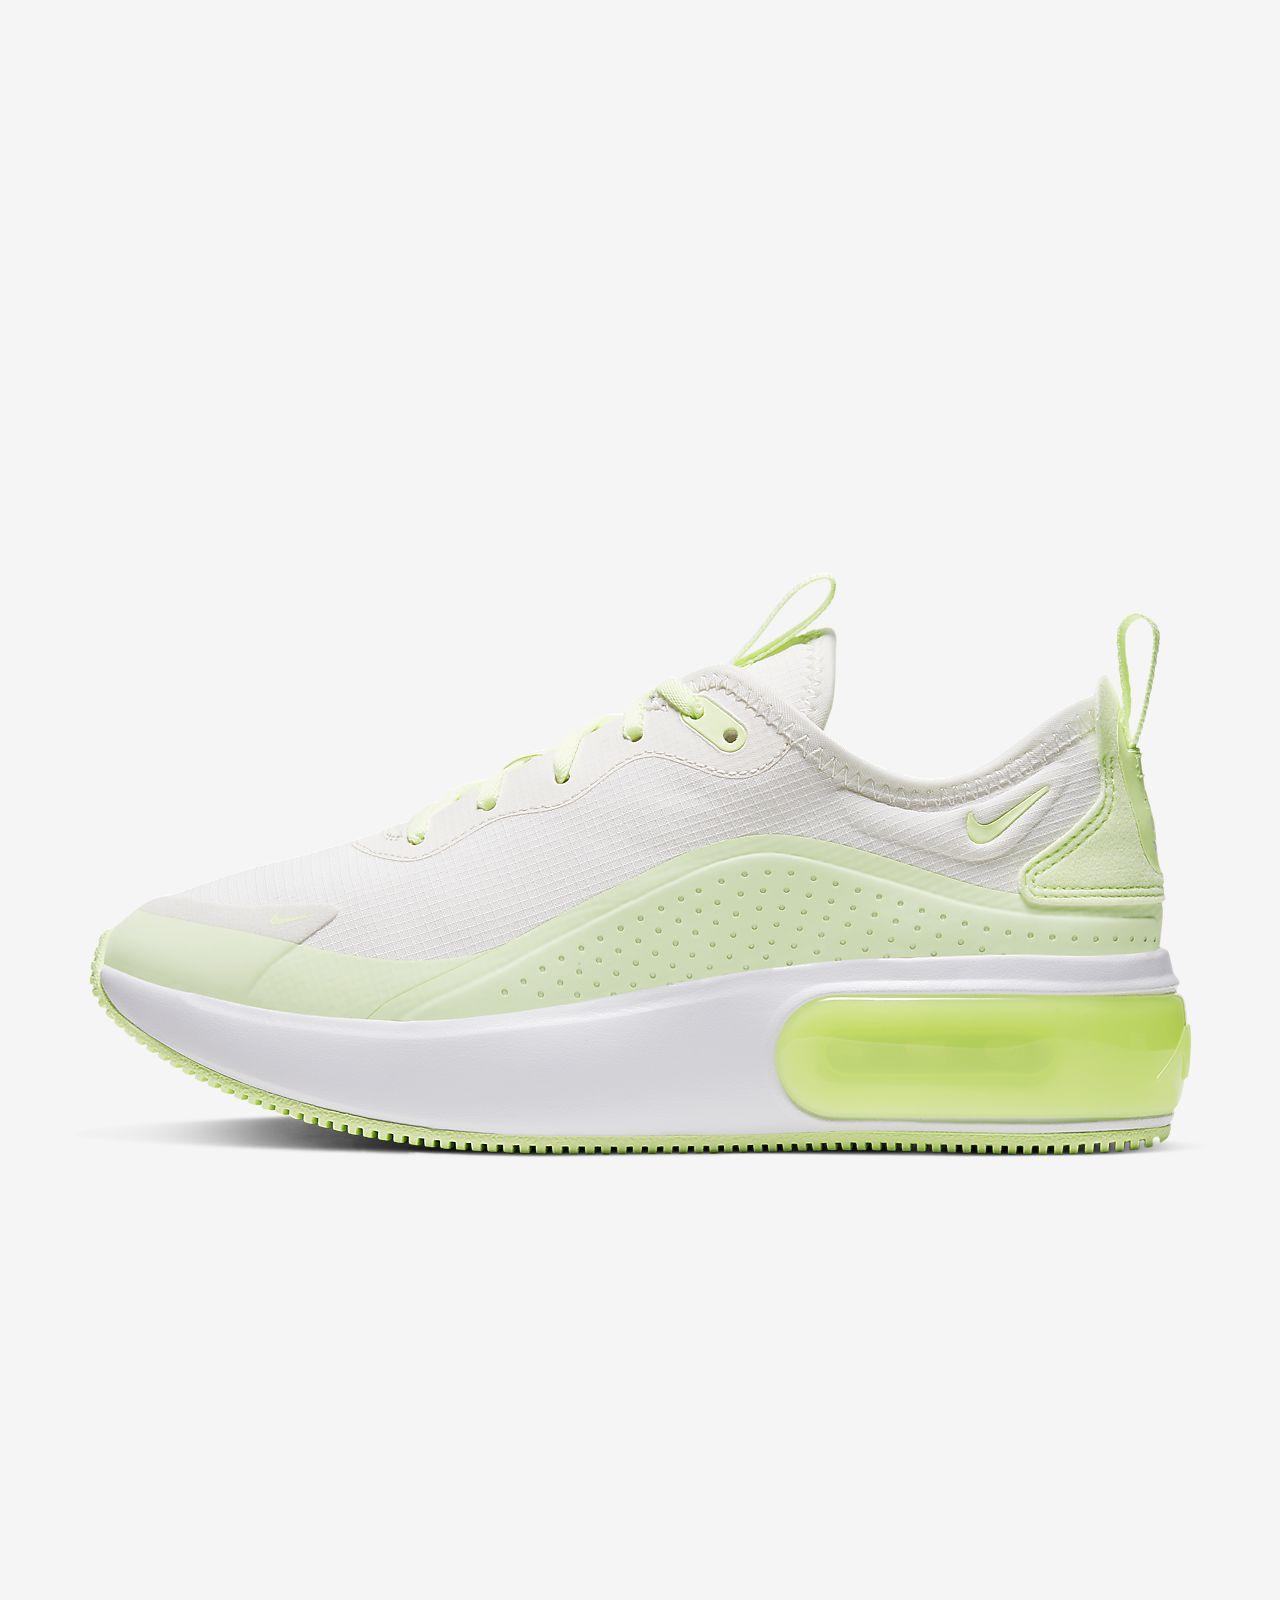 Prodotti Nike Air Max Dia Acquista Online